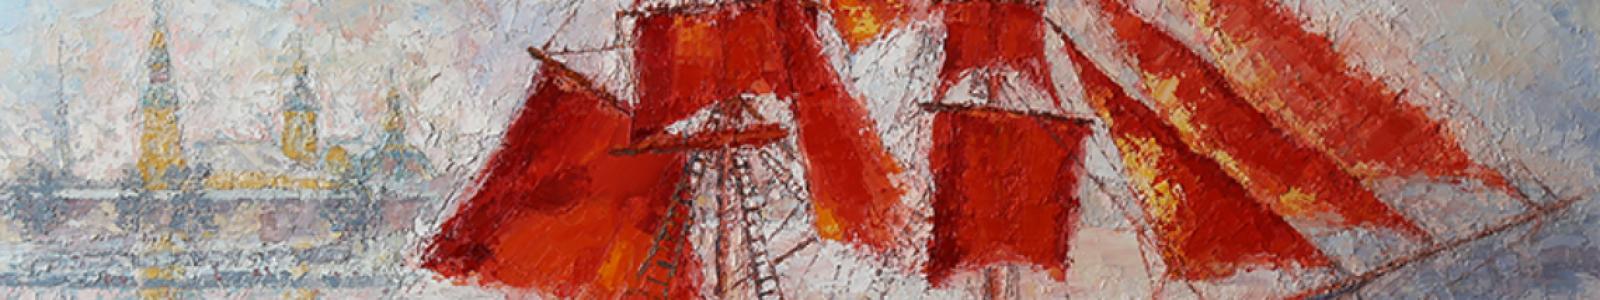 Gallery Painter Tatyana Sannikova